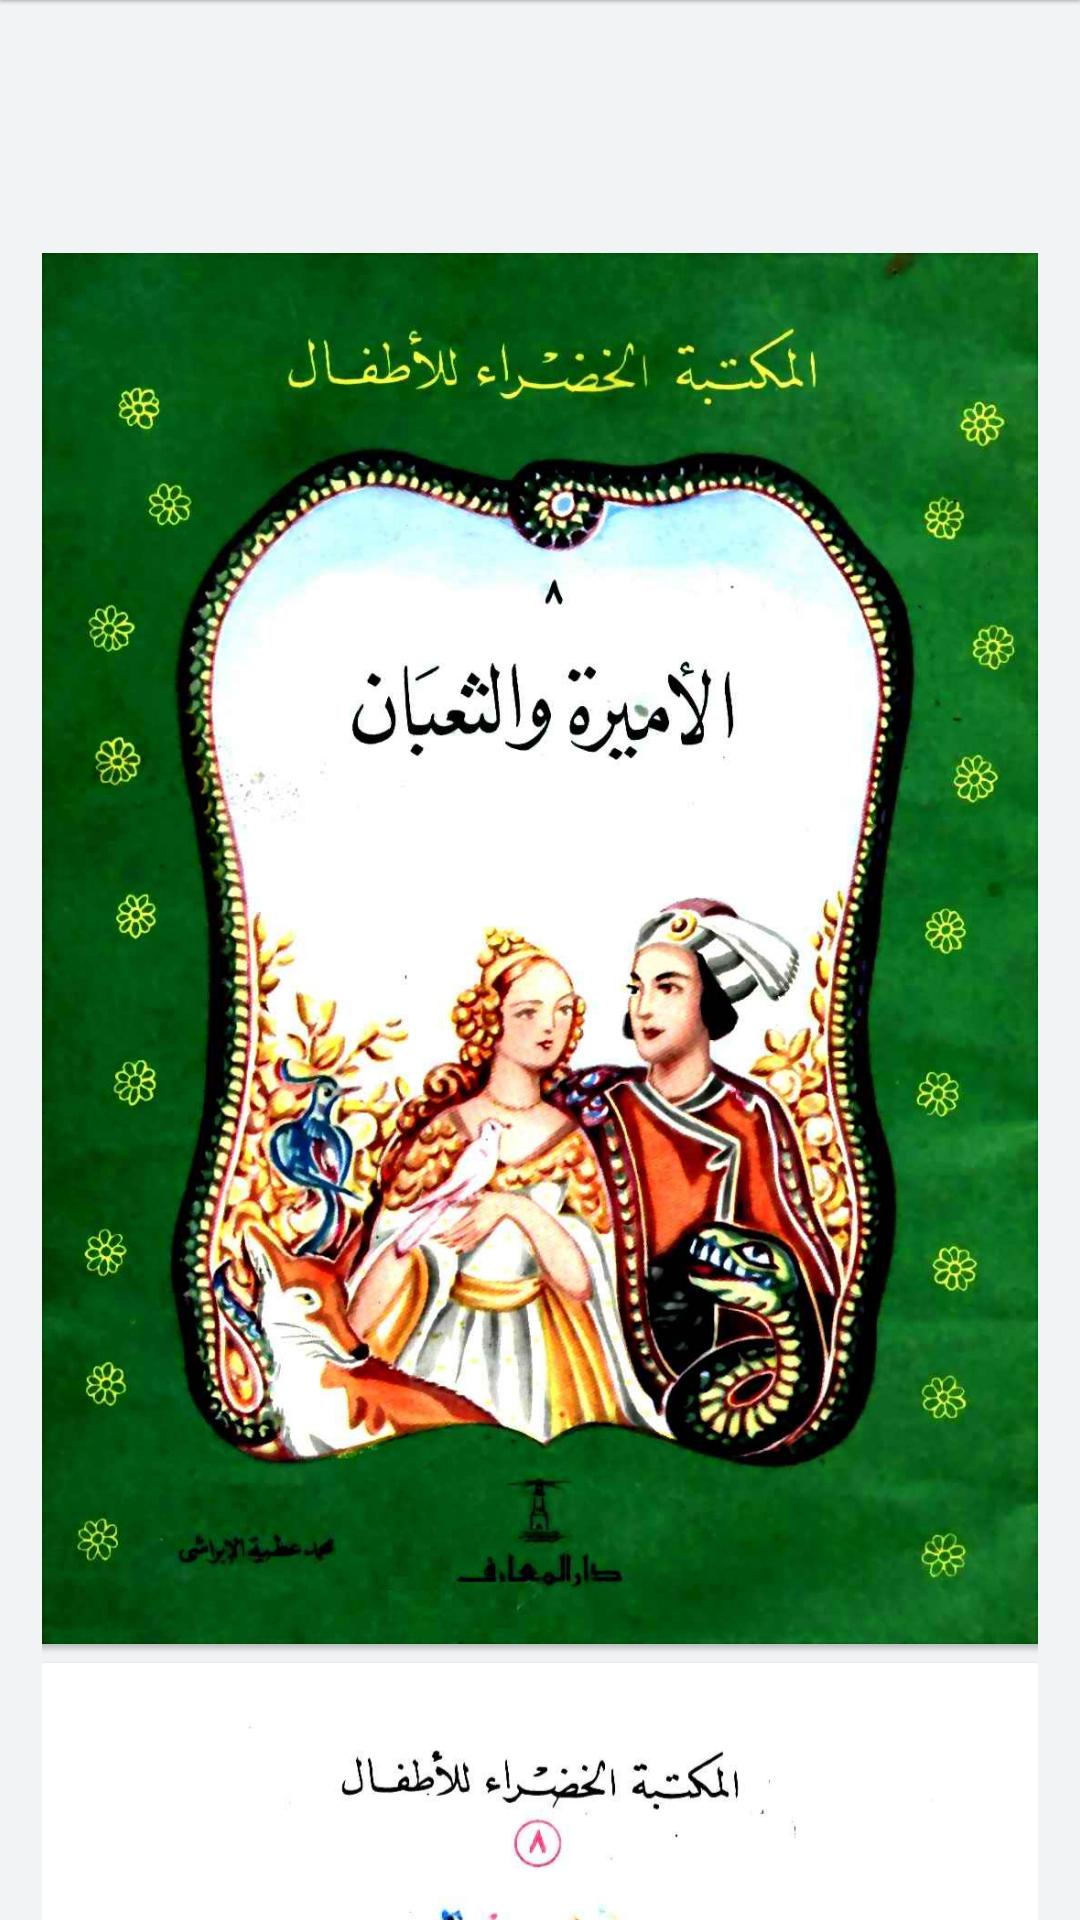 الأميرة والثعبان